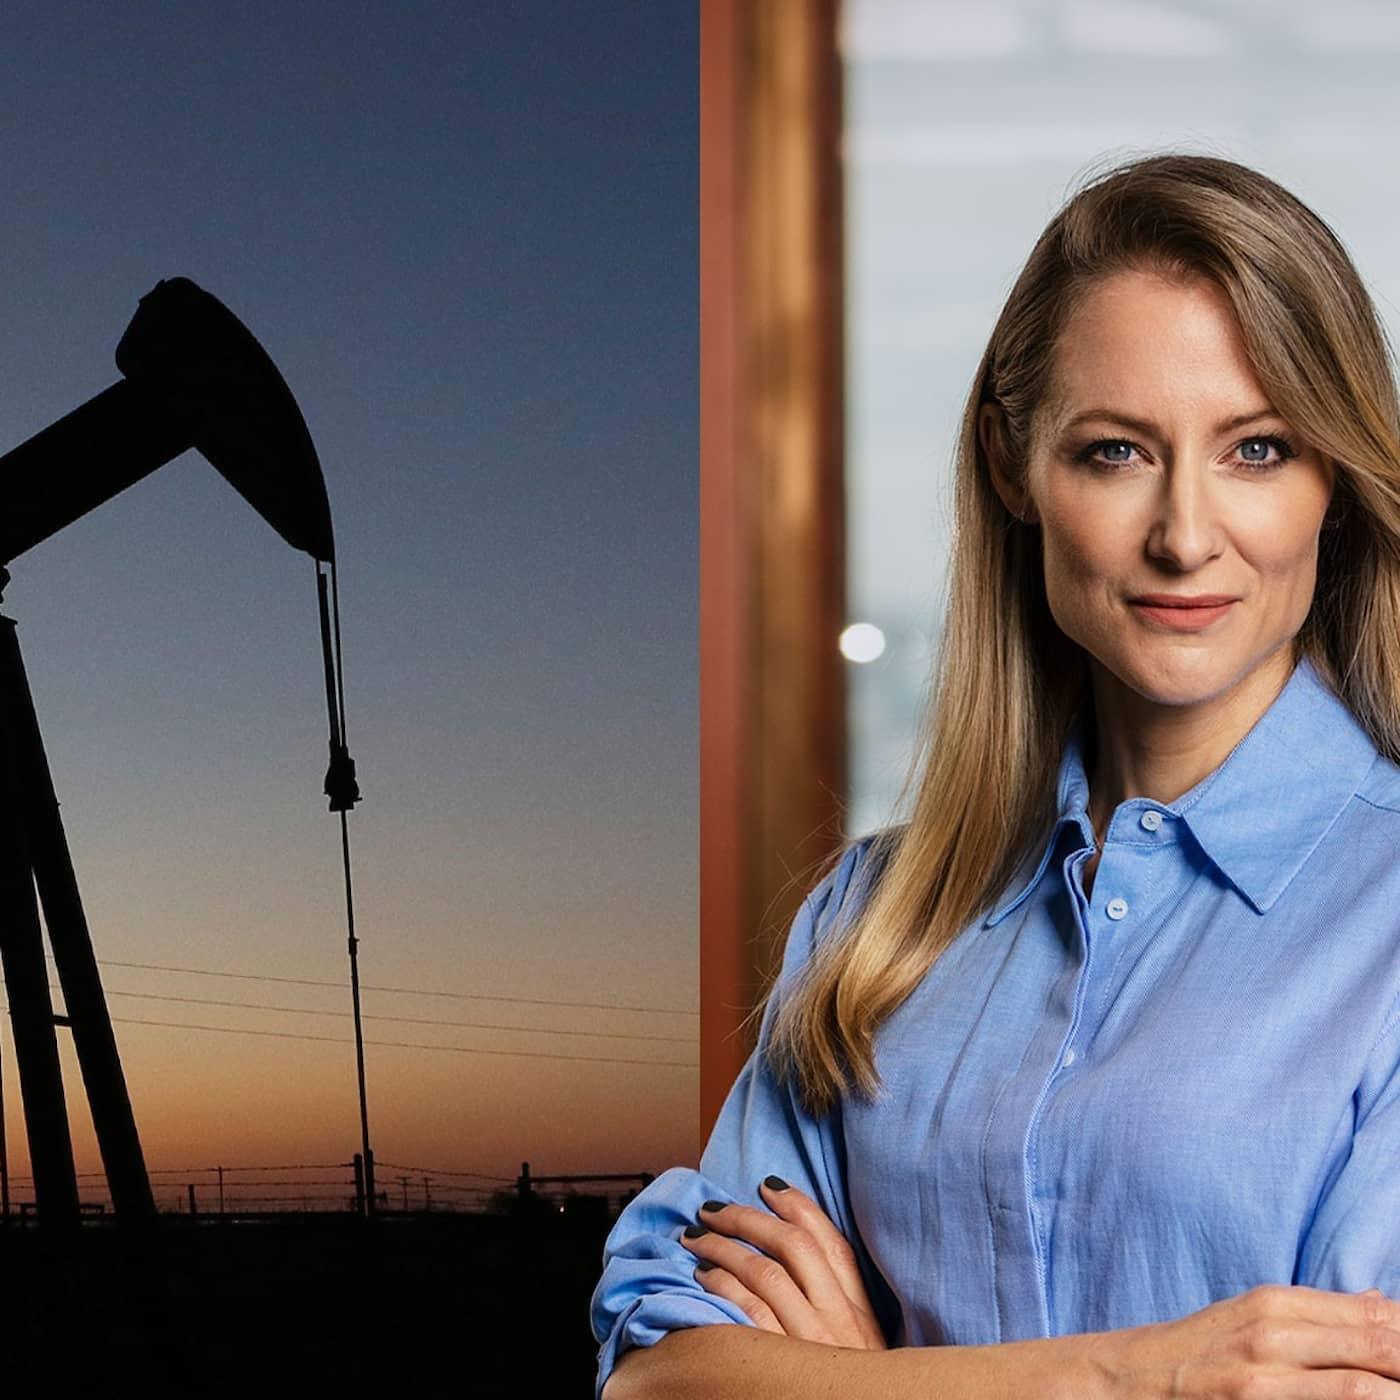 Oljepriset kan rasa mer – en politisk krutdurk